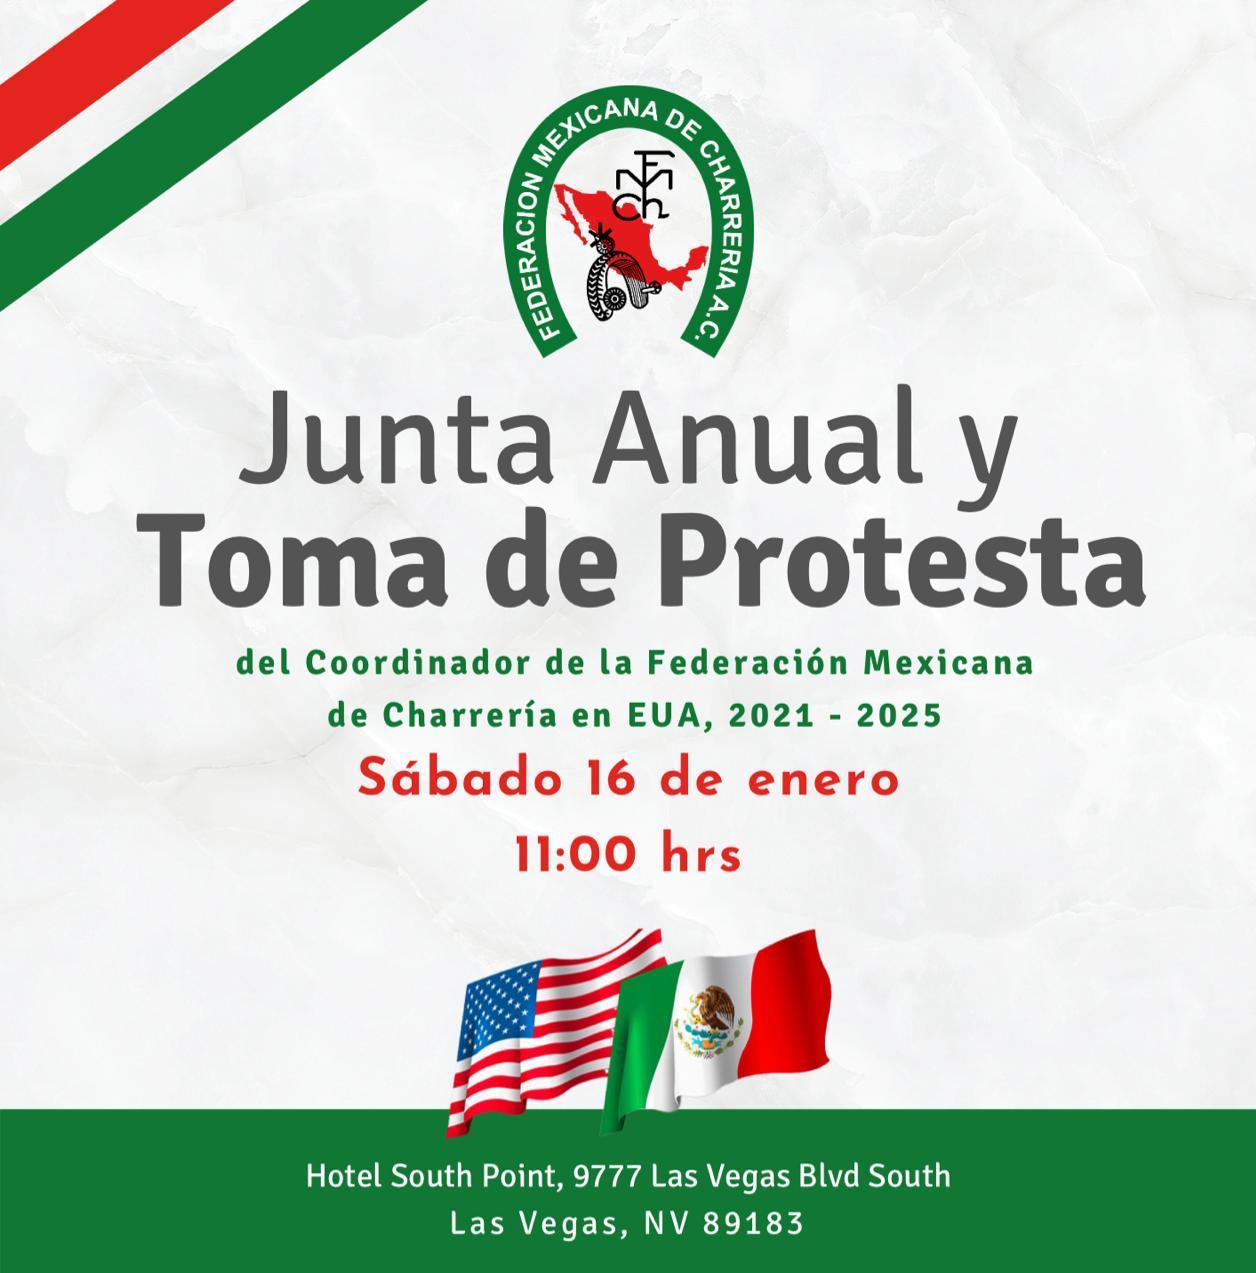 Toma de Protesta del Coordinador Federaion Mexicana de Charrería en USA